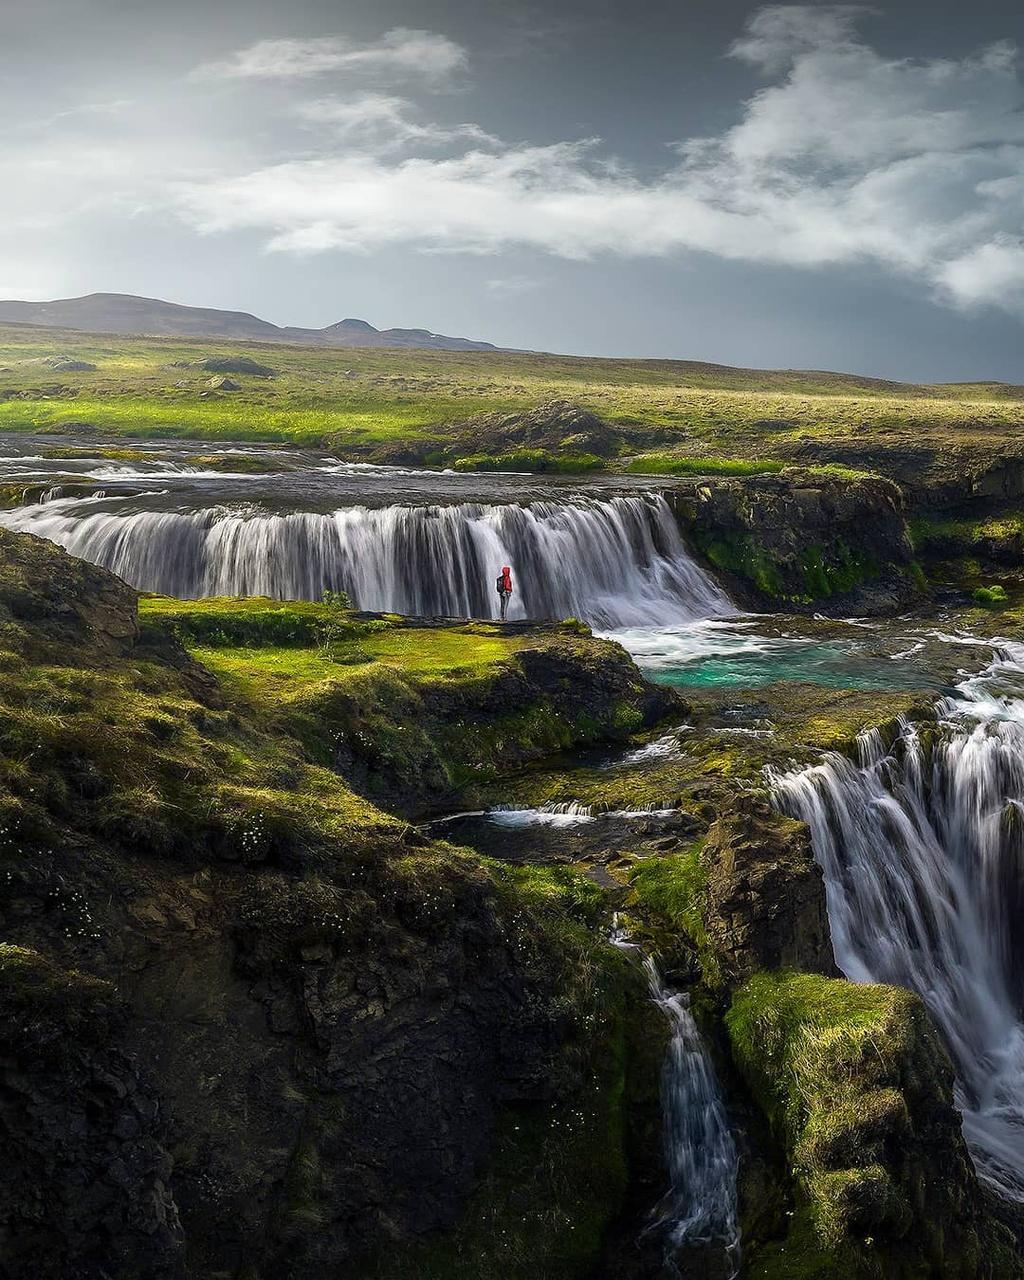 """Theo giáo sư sinh thái học của đại học Iceland, Ingibjorg Svala Jonsdottir, có khoảng 606 loại rêu khác nhau được tìm thấy ở quốc đảo này. Loài phổ biến nhất, Woolly Fringe Moss thường được gọi đơn giản là rêu Iceland, """"thống trị"""" các cánh đồng dung nham trên khắp miền Nam và Tây của hòn đảo."""